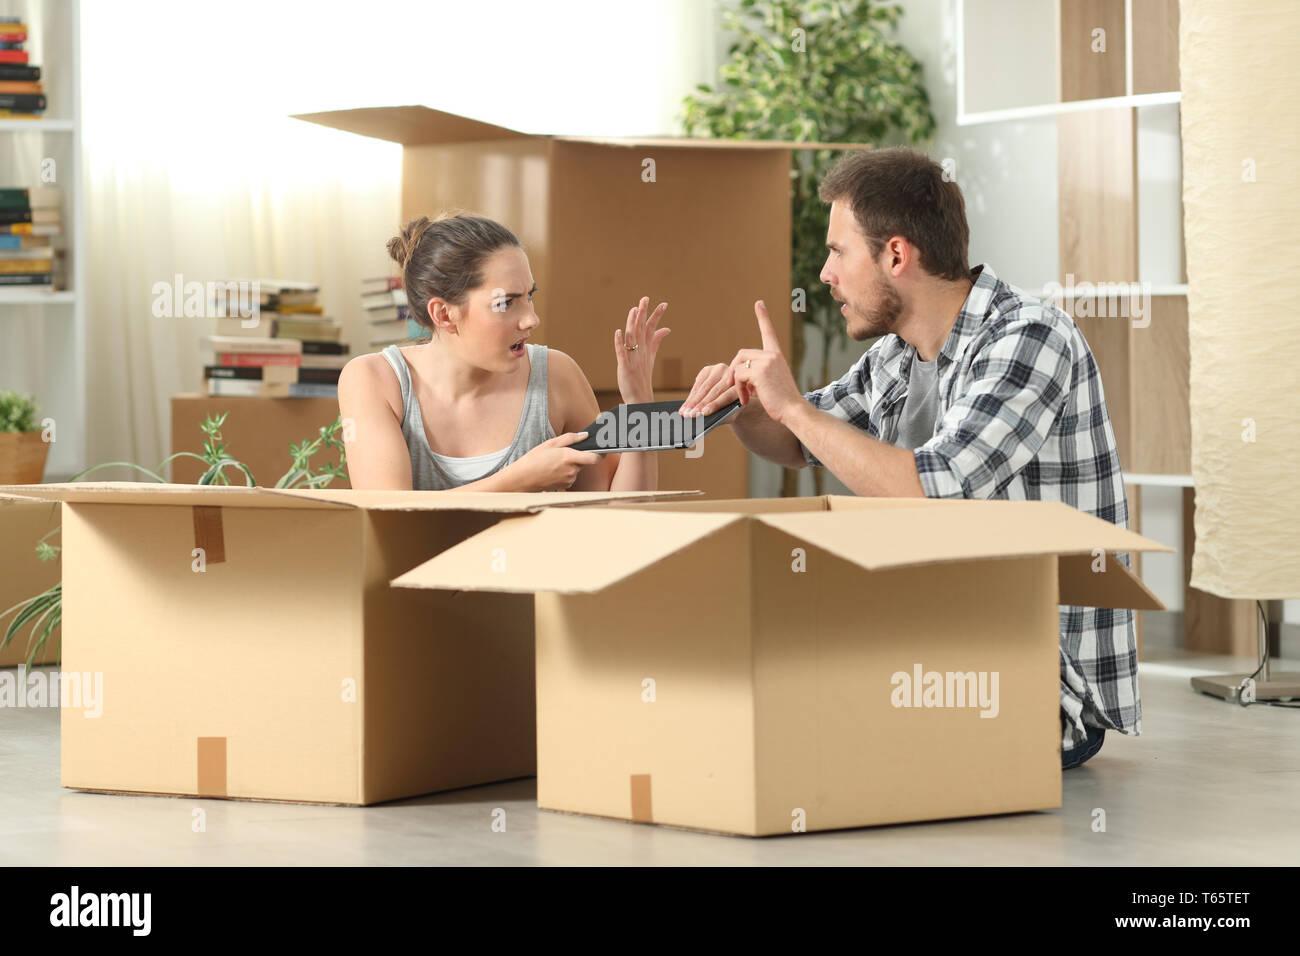 Ehe Umzug kämpfen für eine Tablette sitzen auf dem Boden Stockfoto